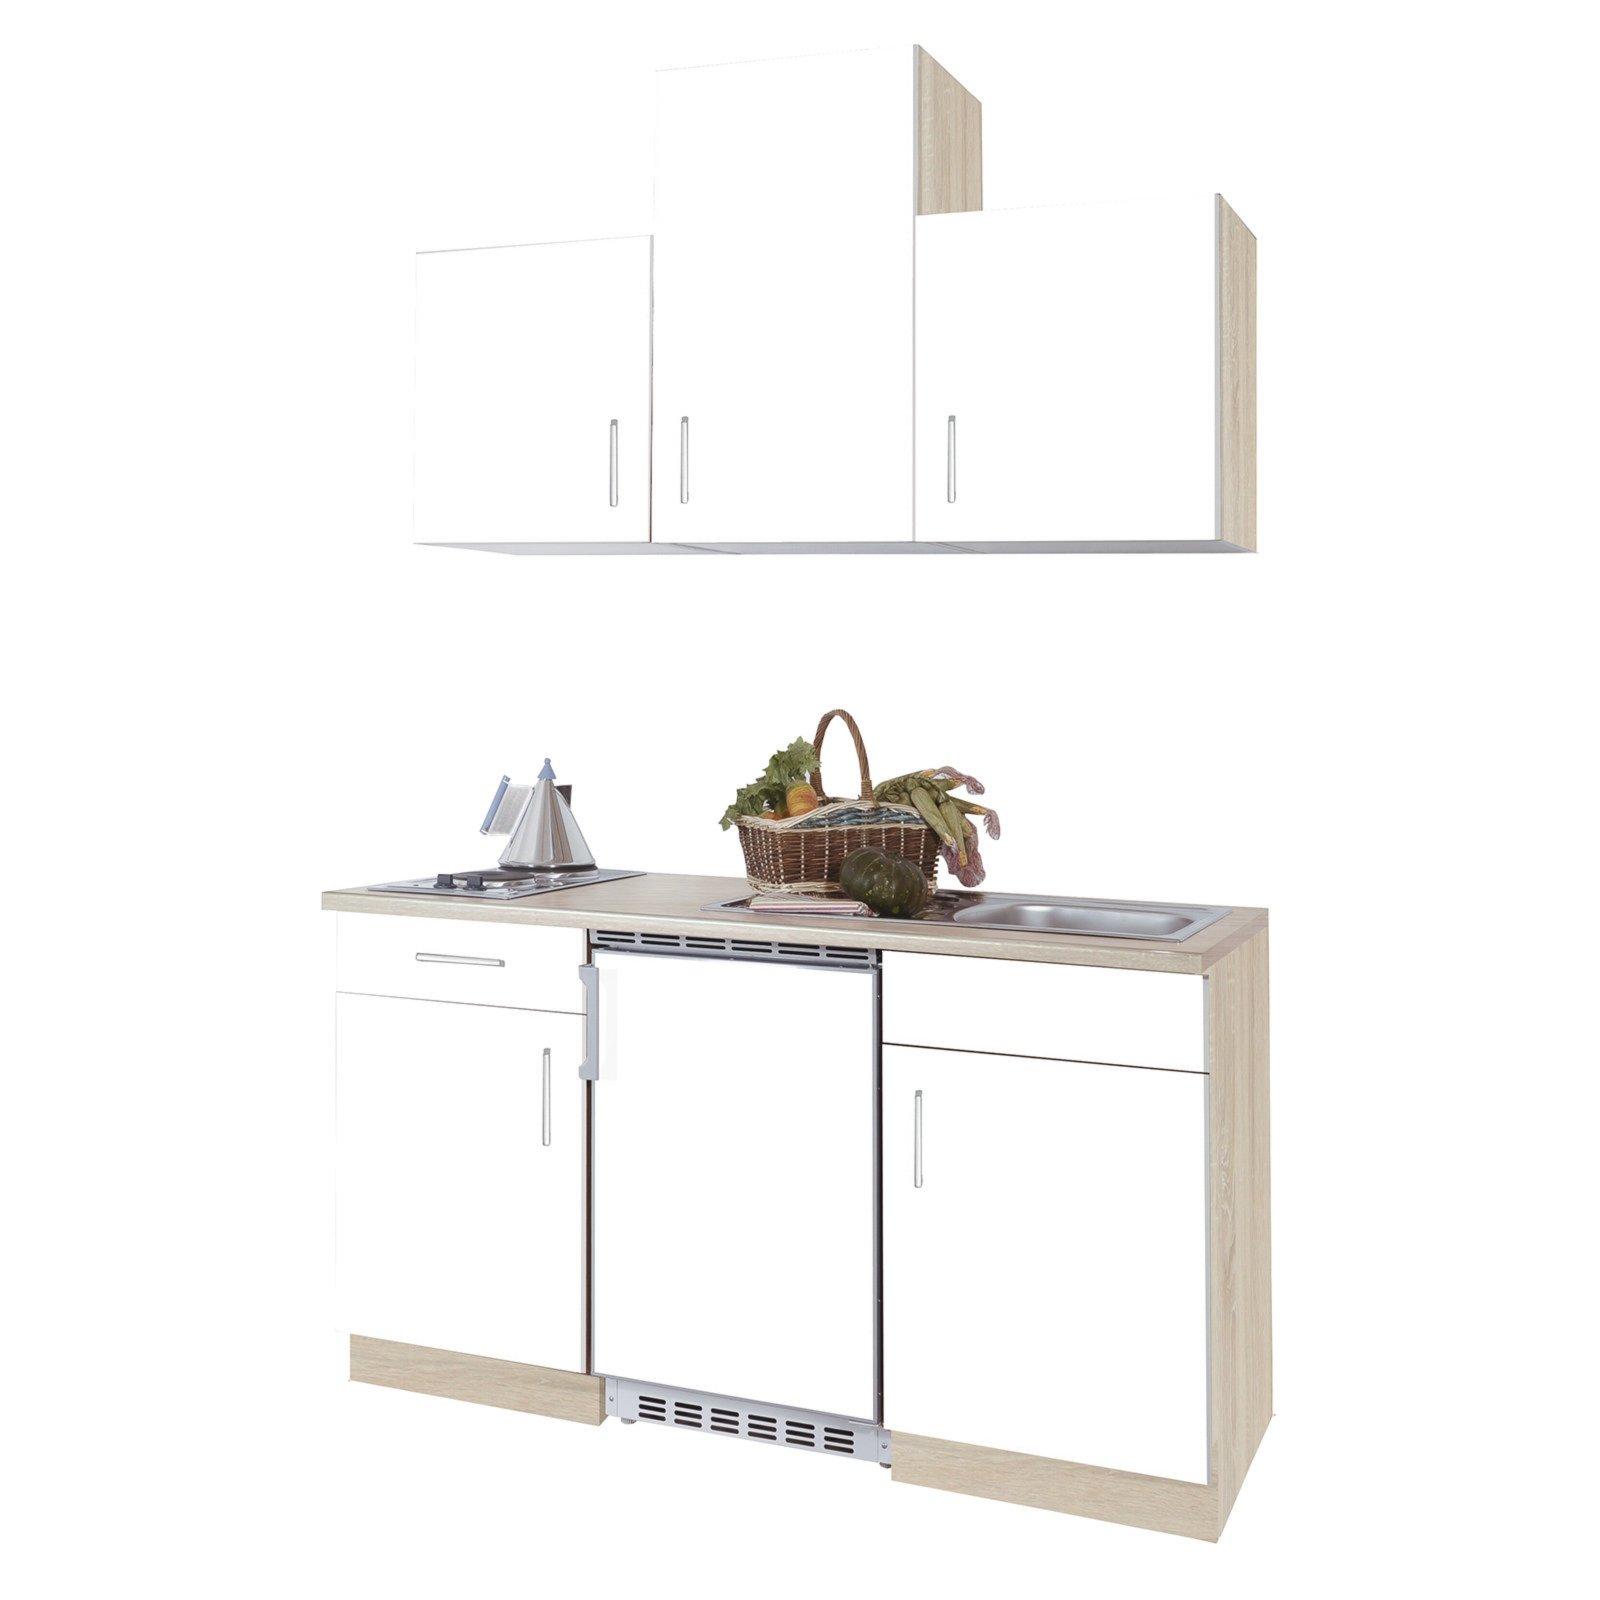 Singleküchen & Miniküchen von ROLLER - Gut sortierte günstige Auswahl | {Singleküche miniküche 23}